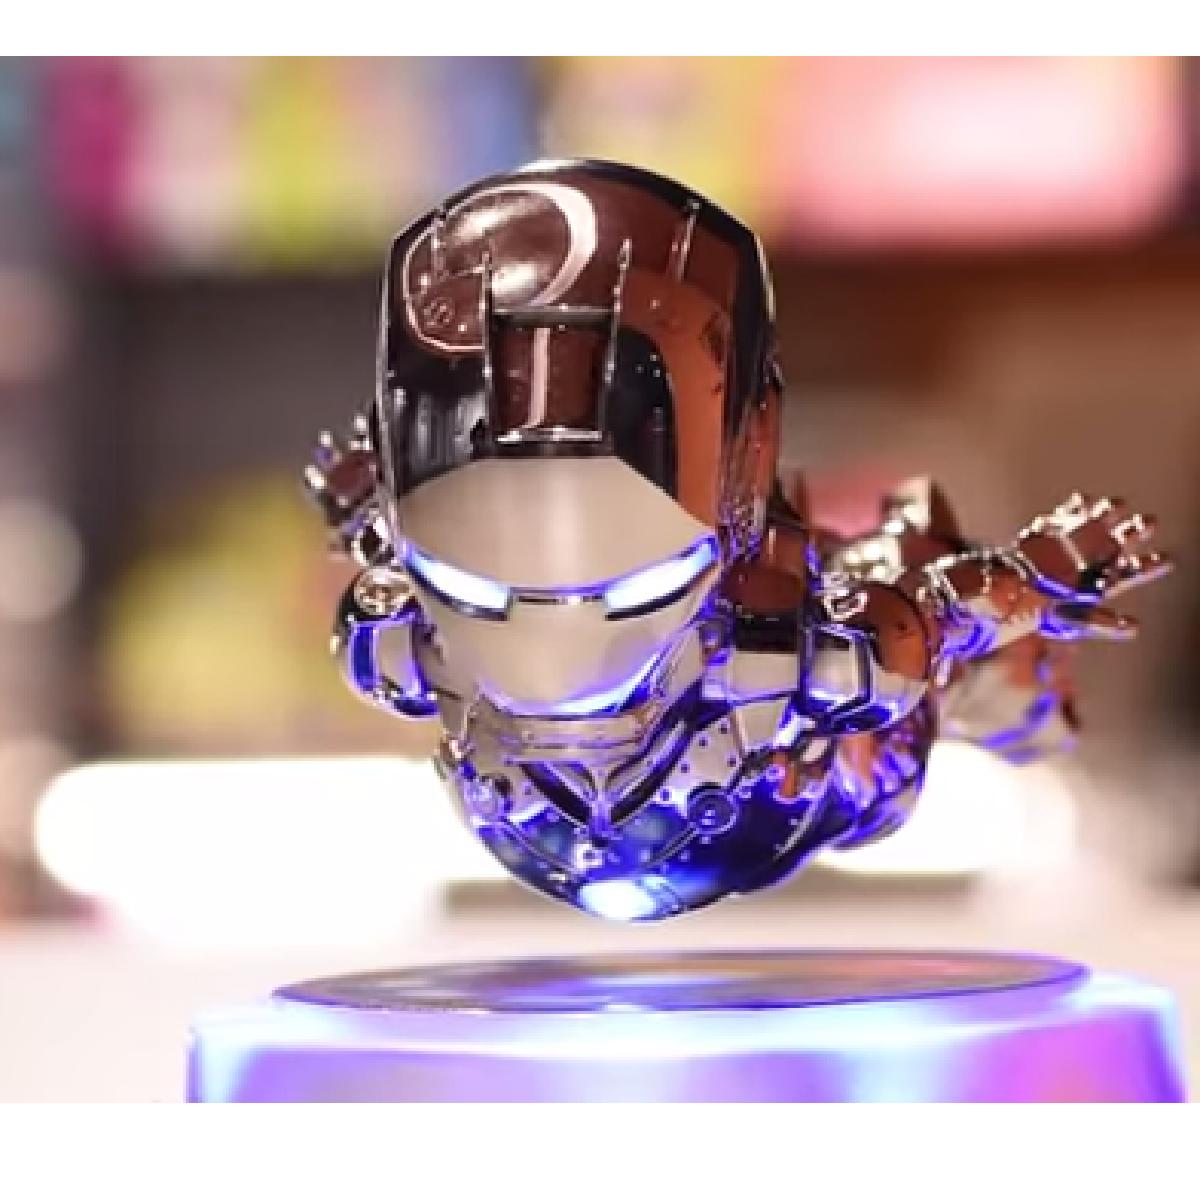 Reproduction d'Iron Man en train de flotter, les yeux lumineux.